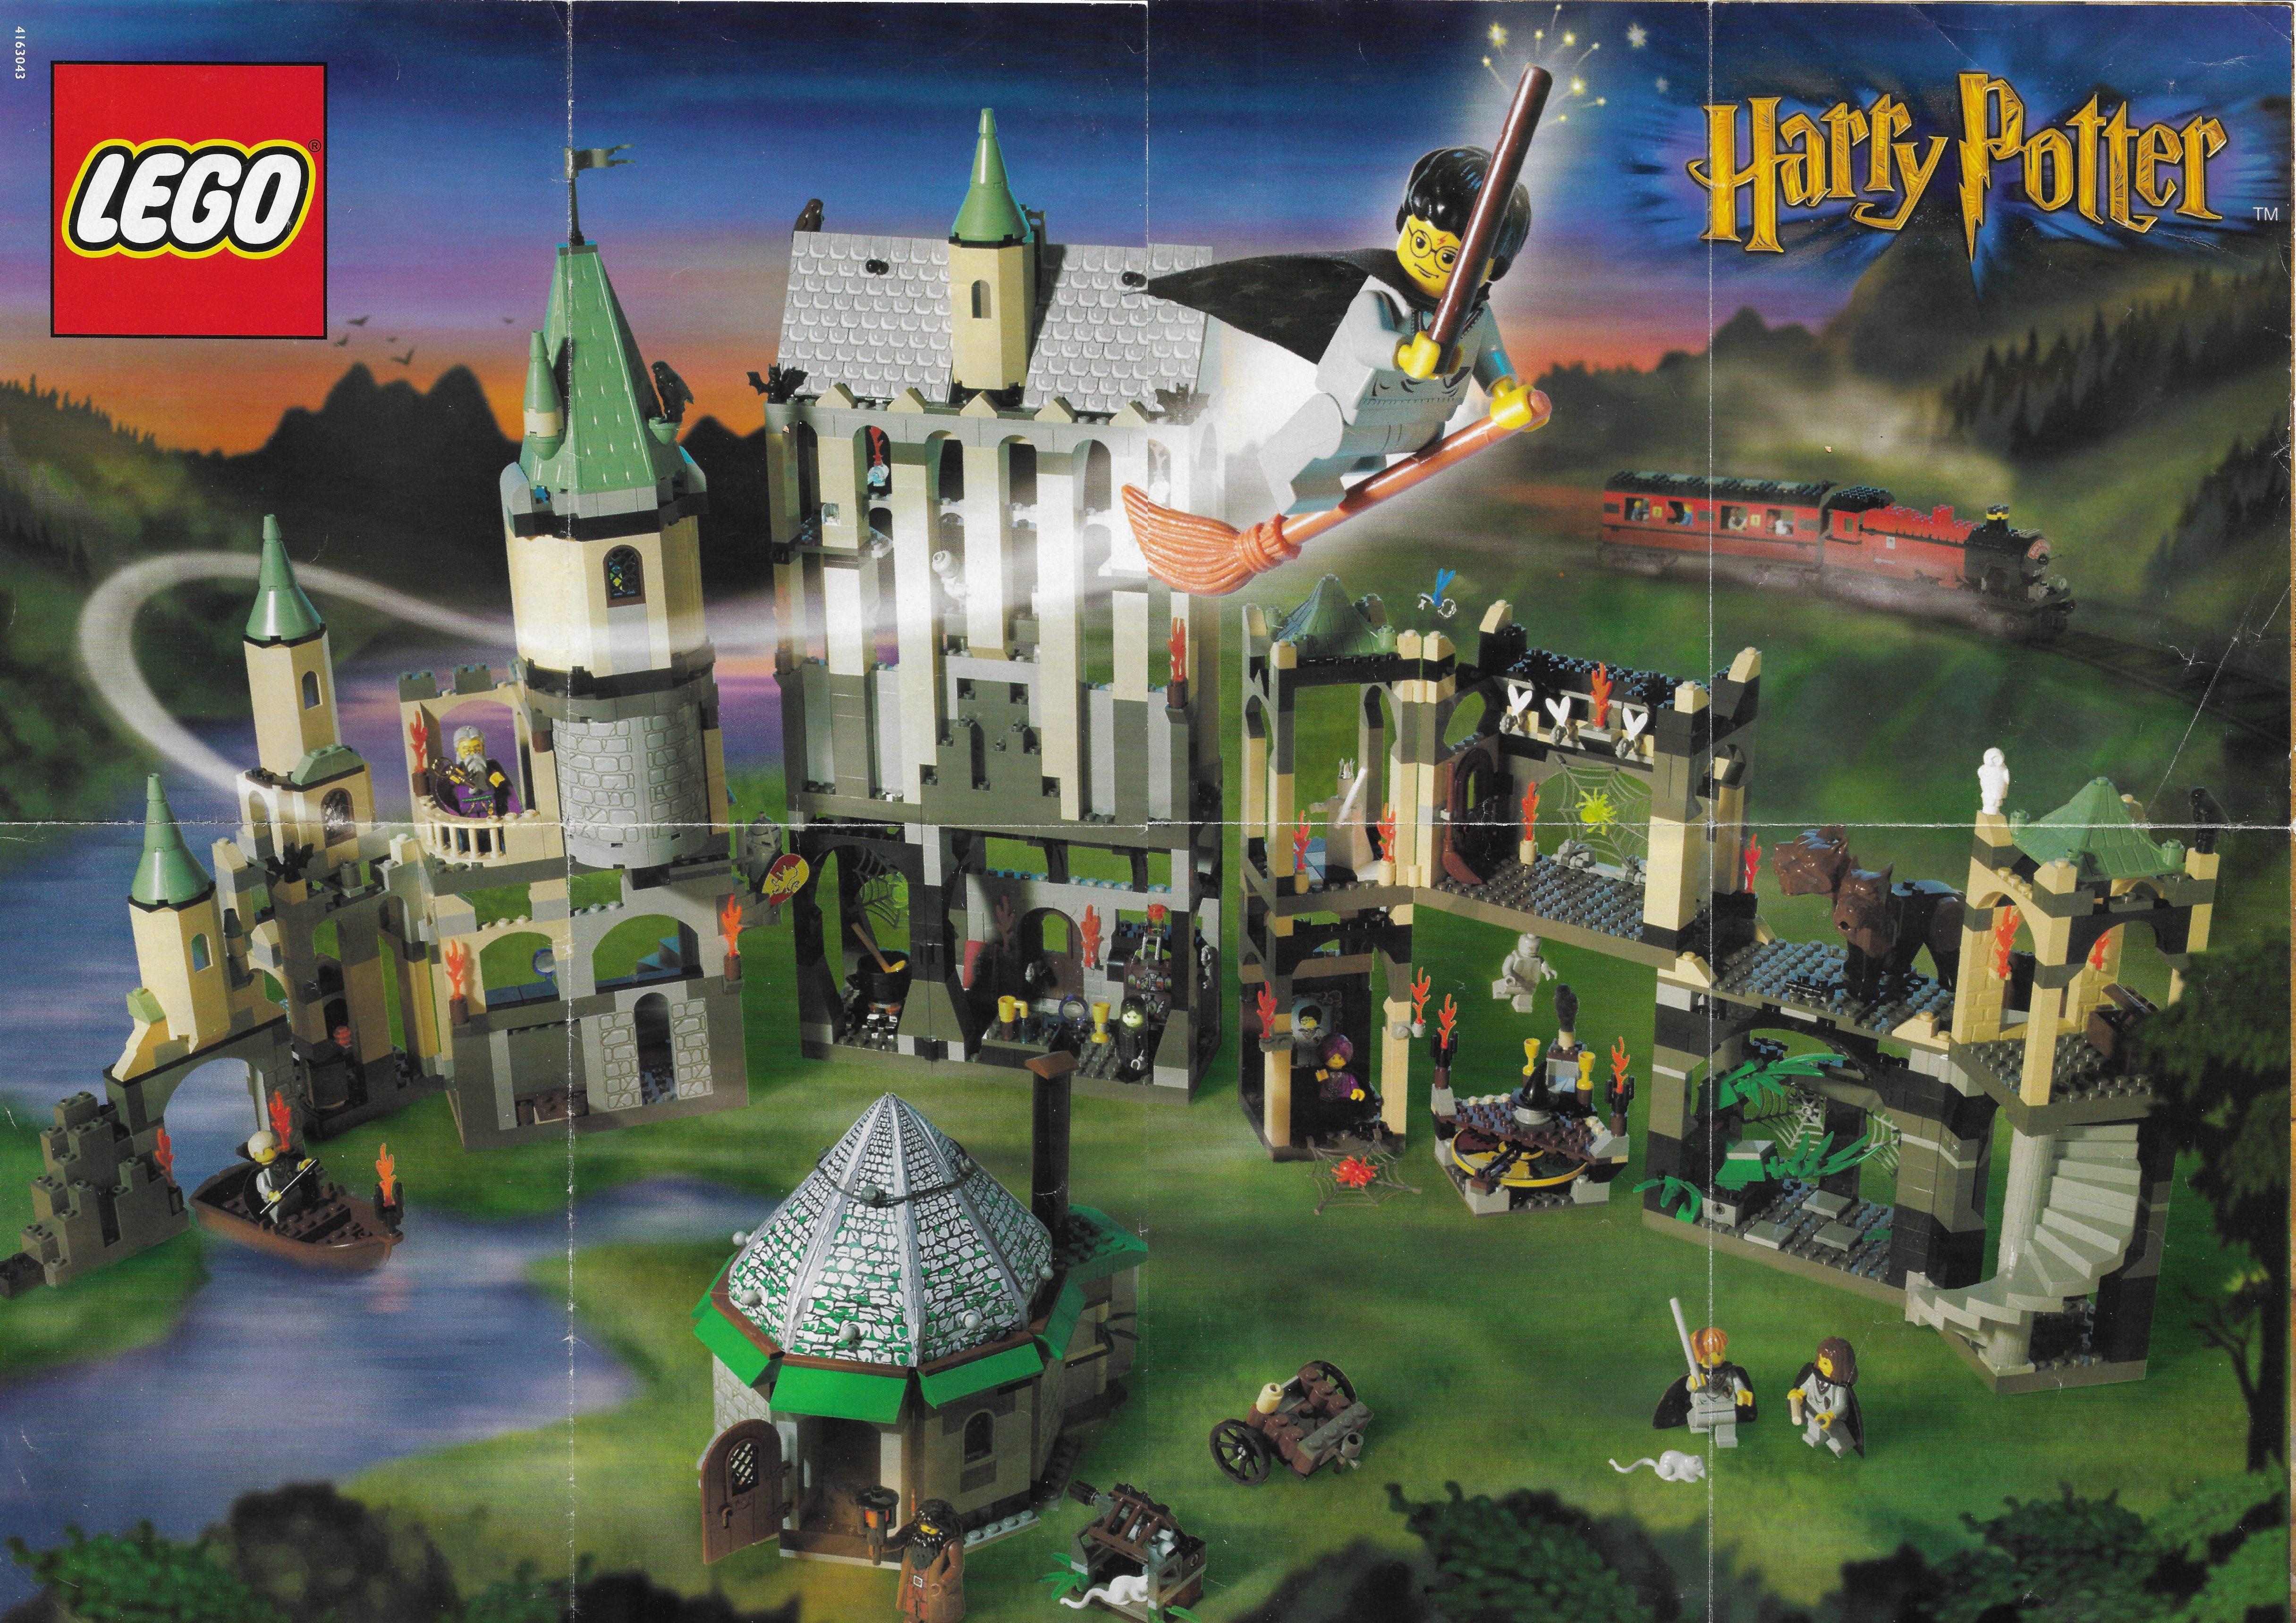 2001-es Lego Harry Potter poszter